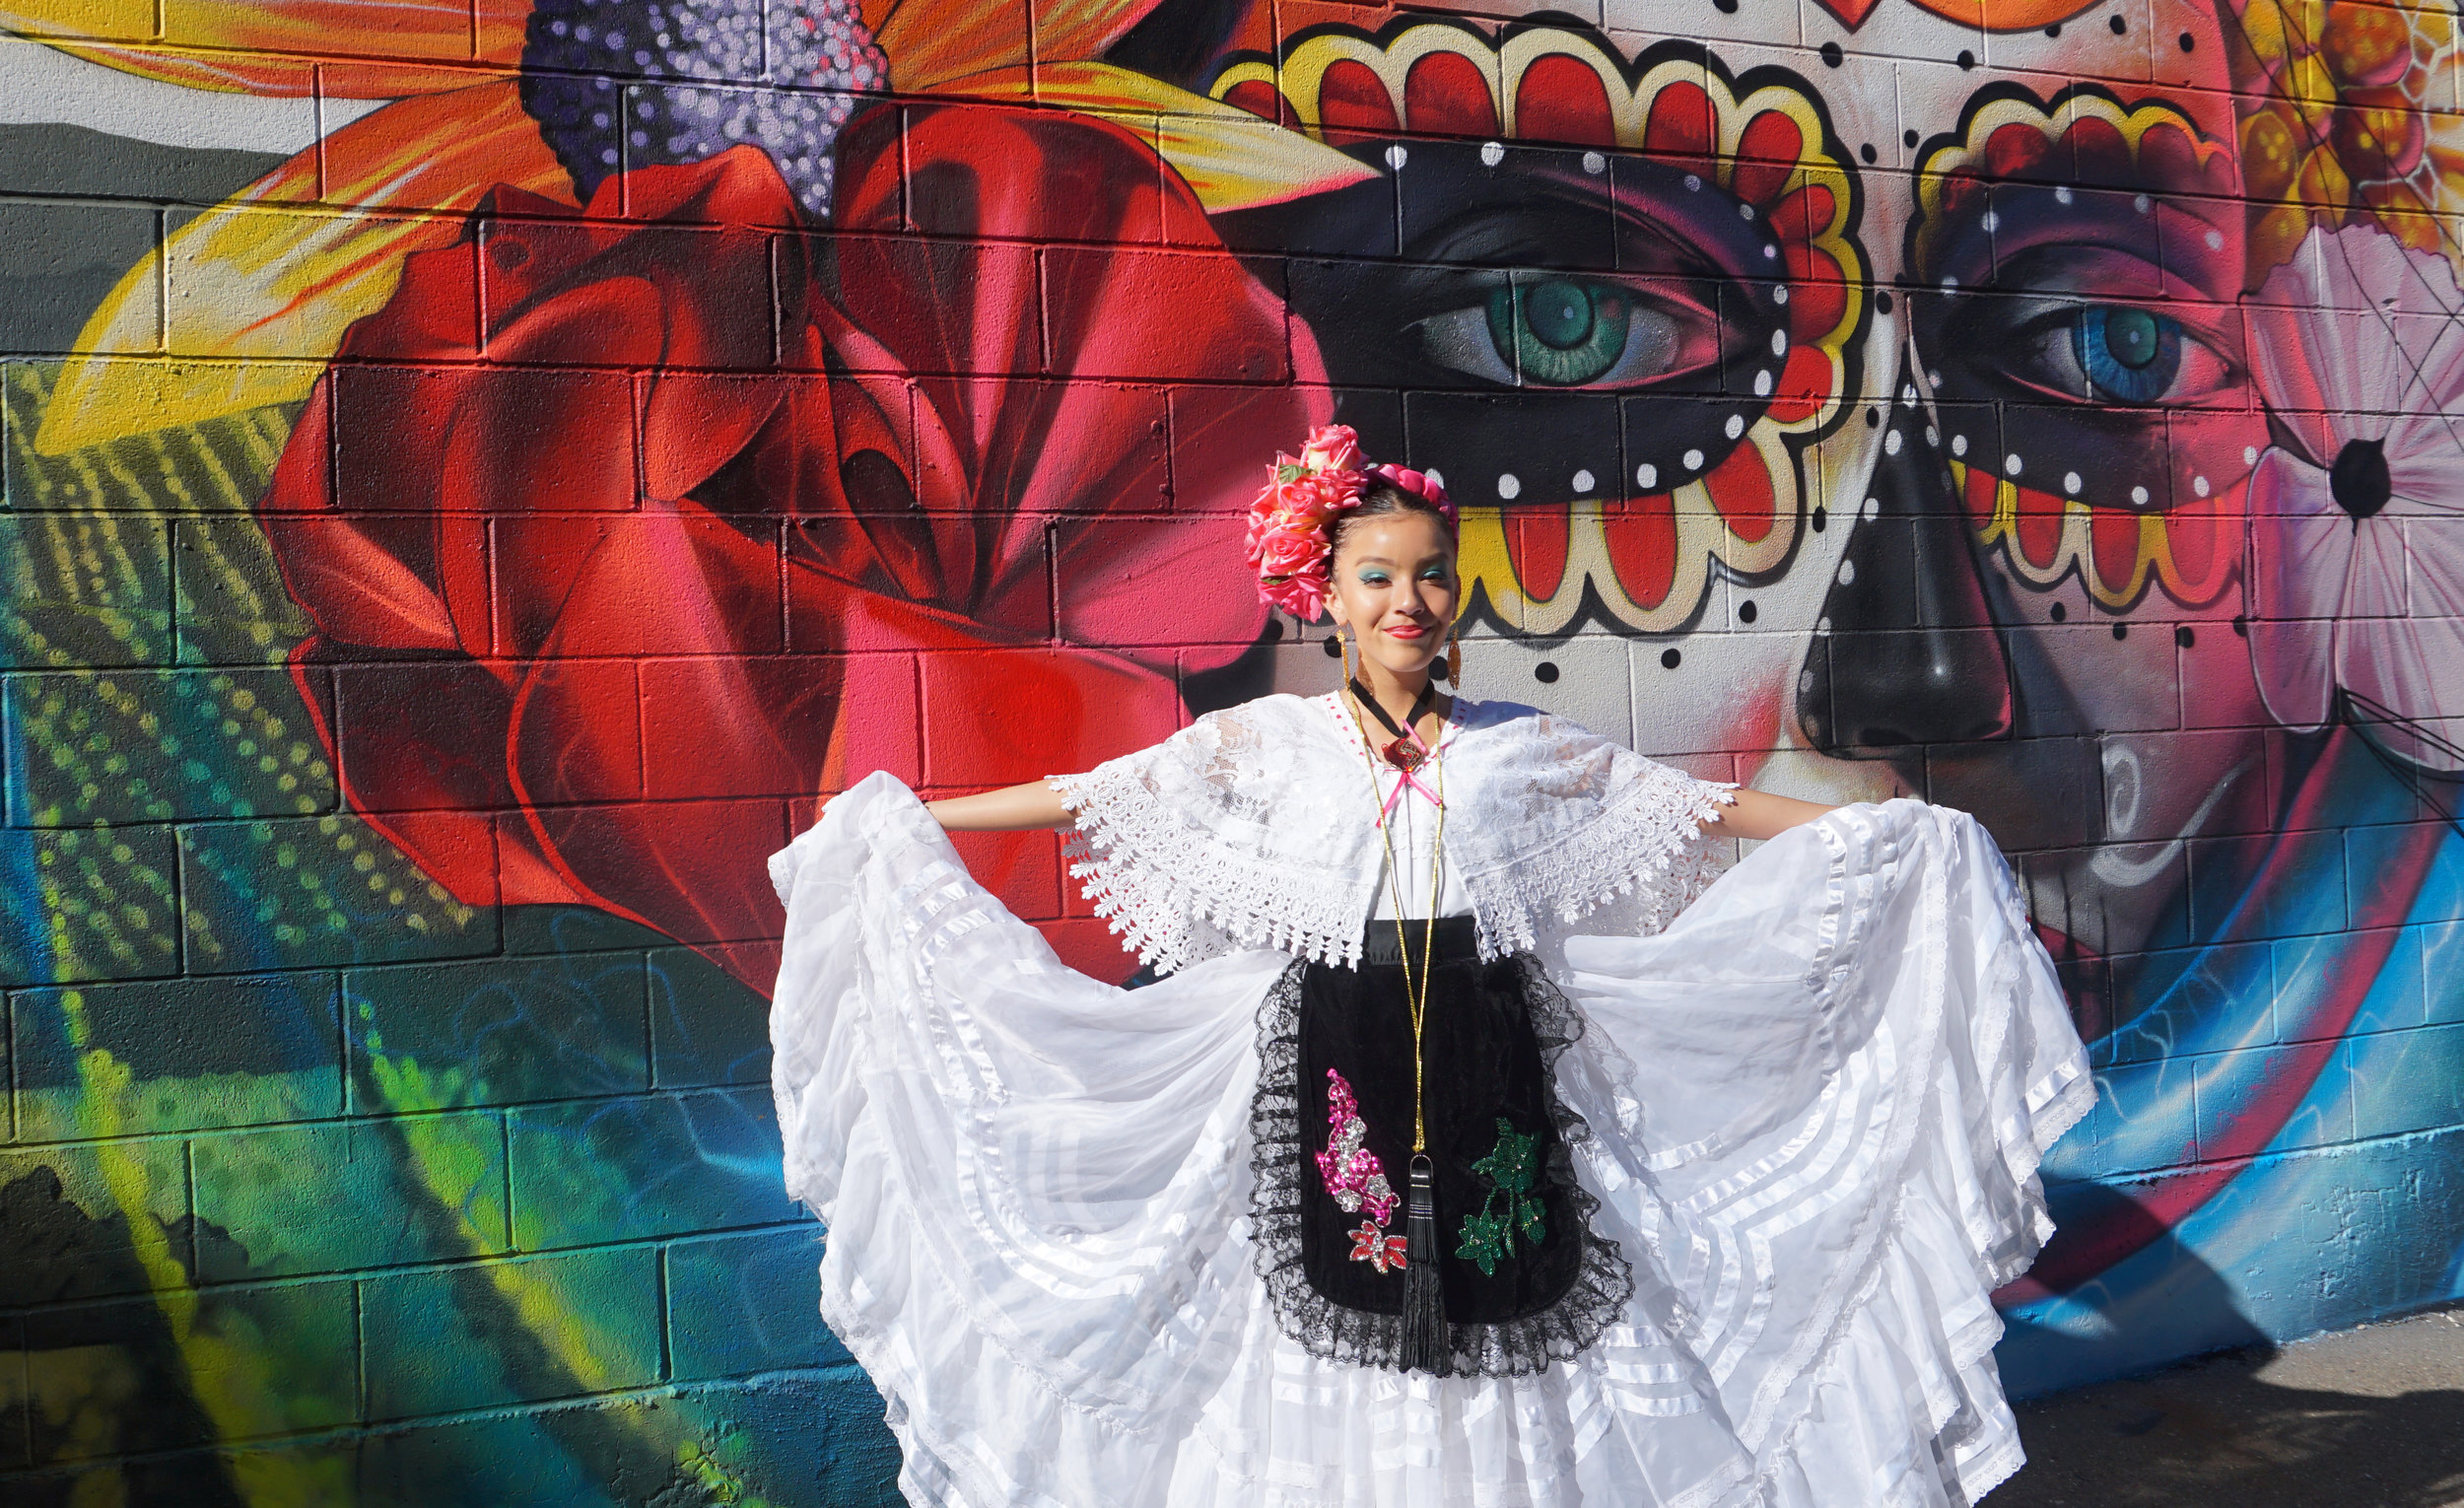 Mural dancer.jpg